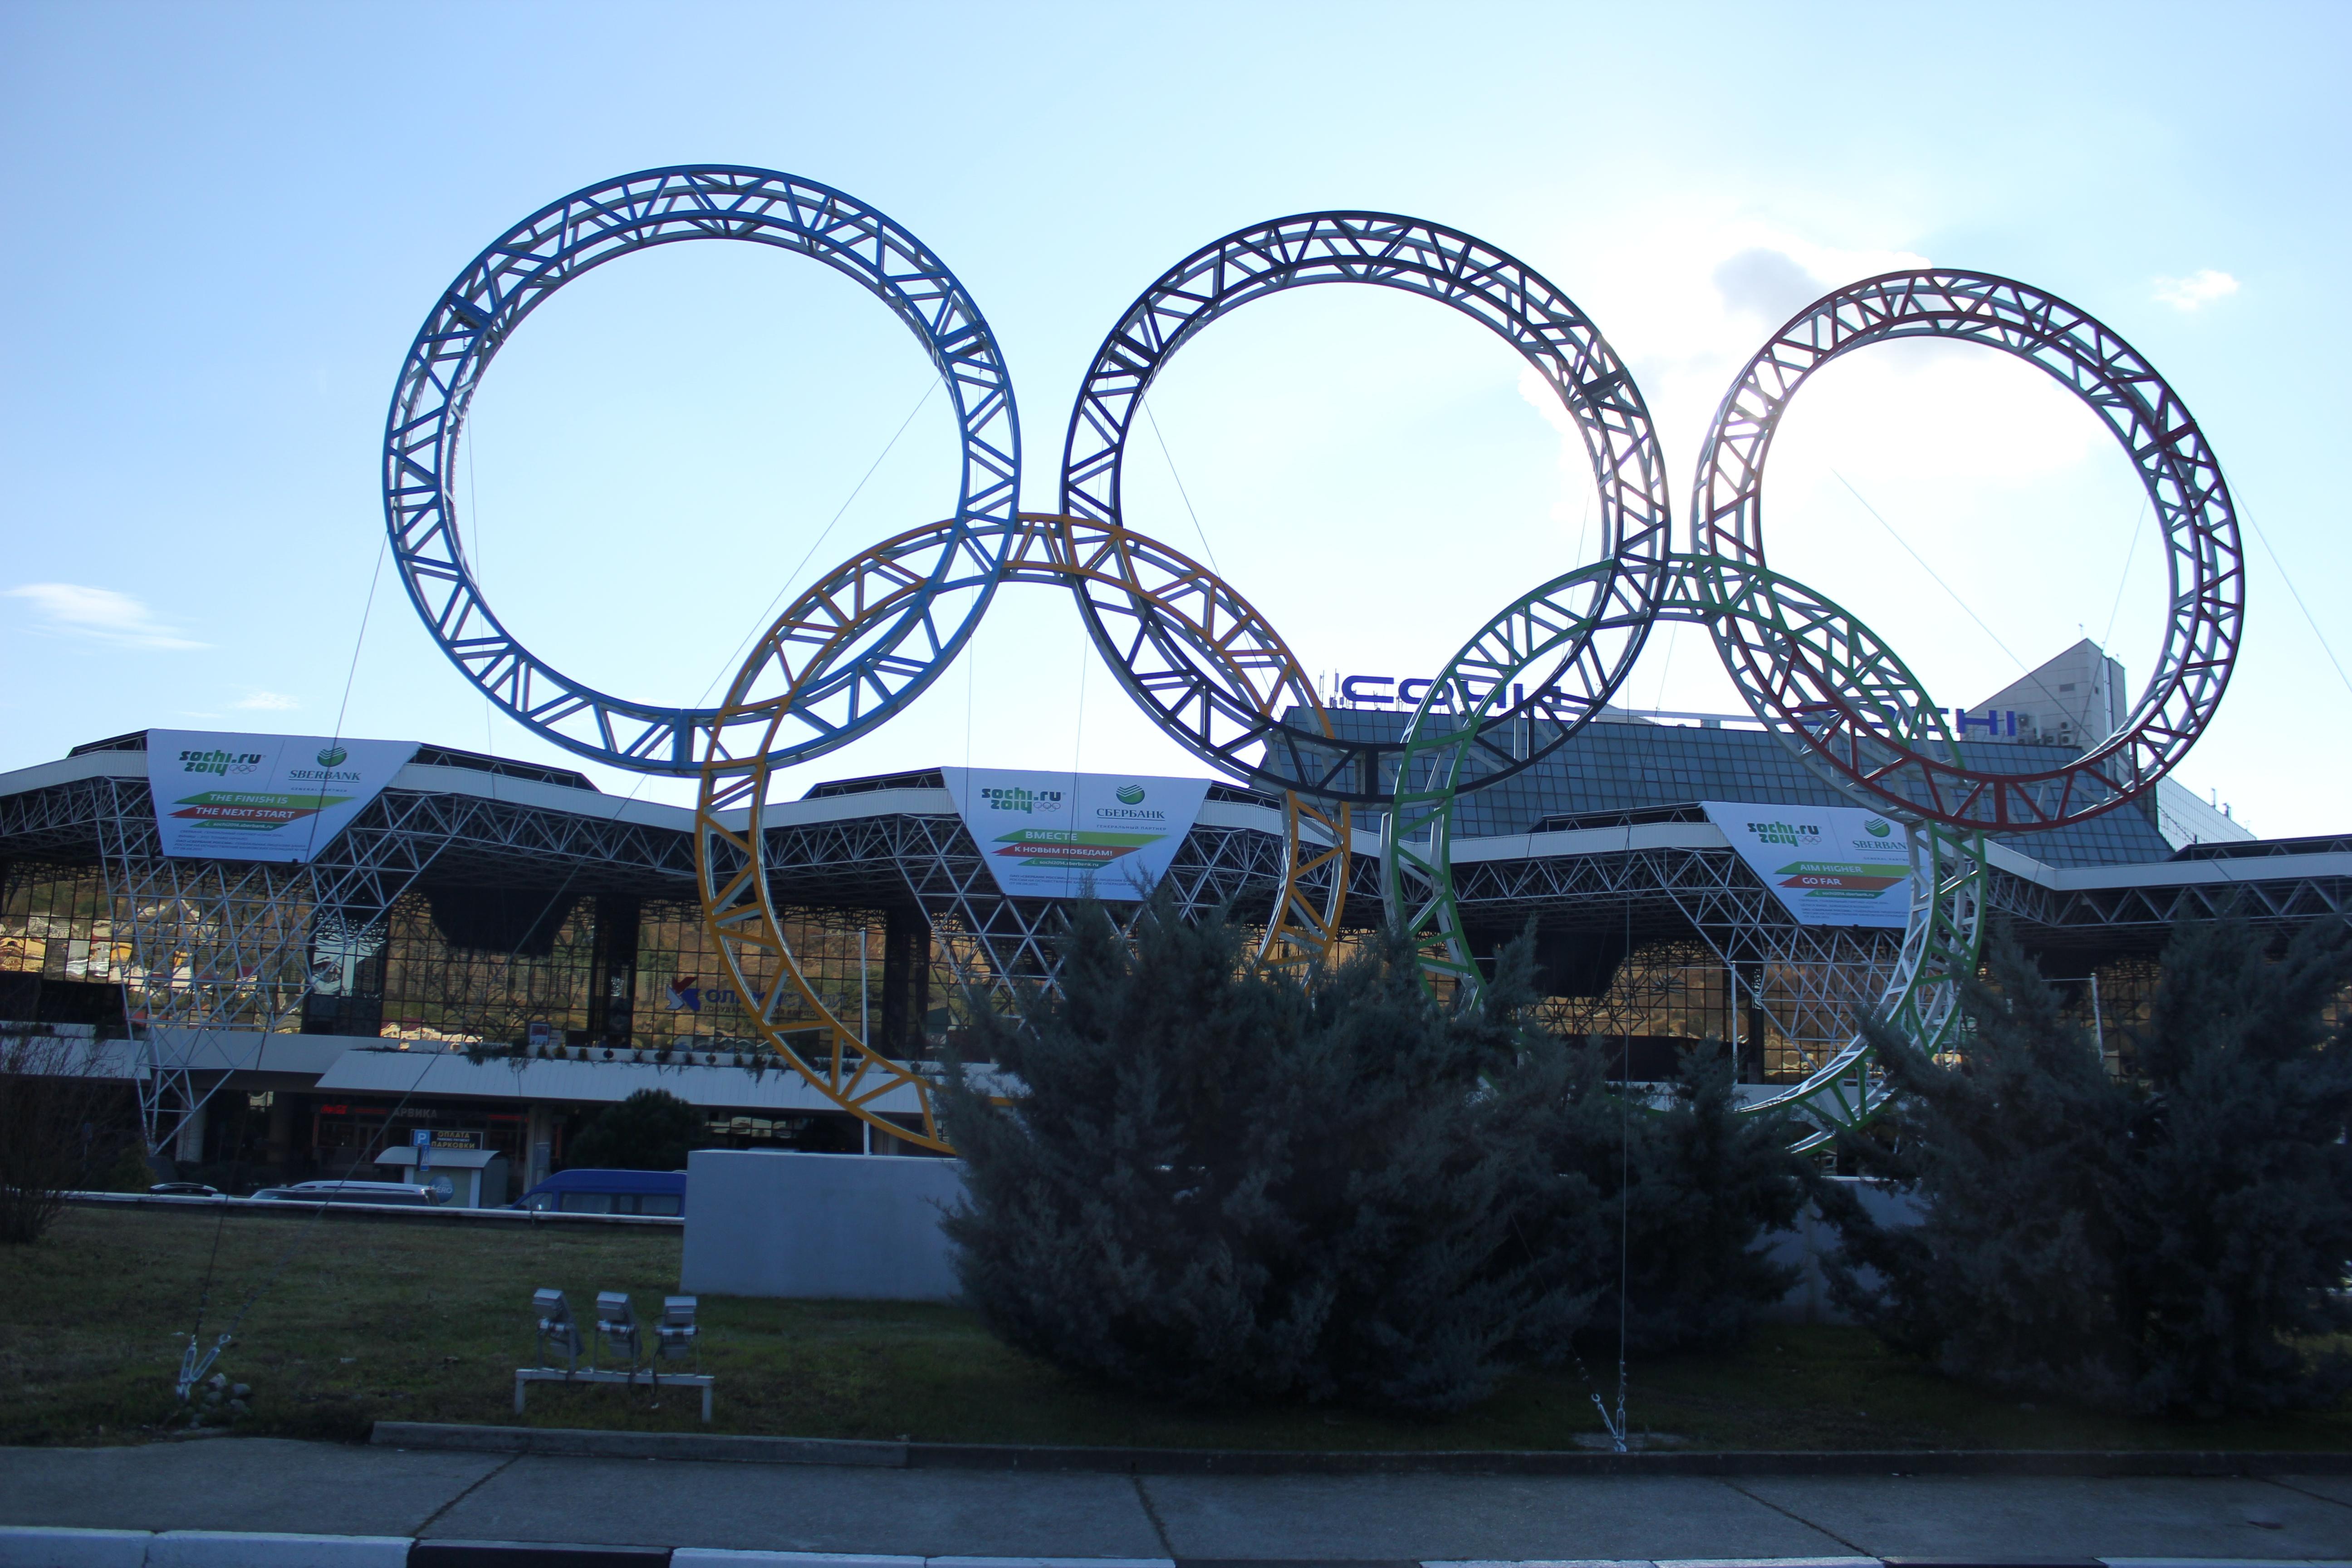 Сочи за полтора месяца до Игр: олимпийский хай-тек и белье на балконах